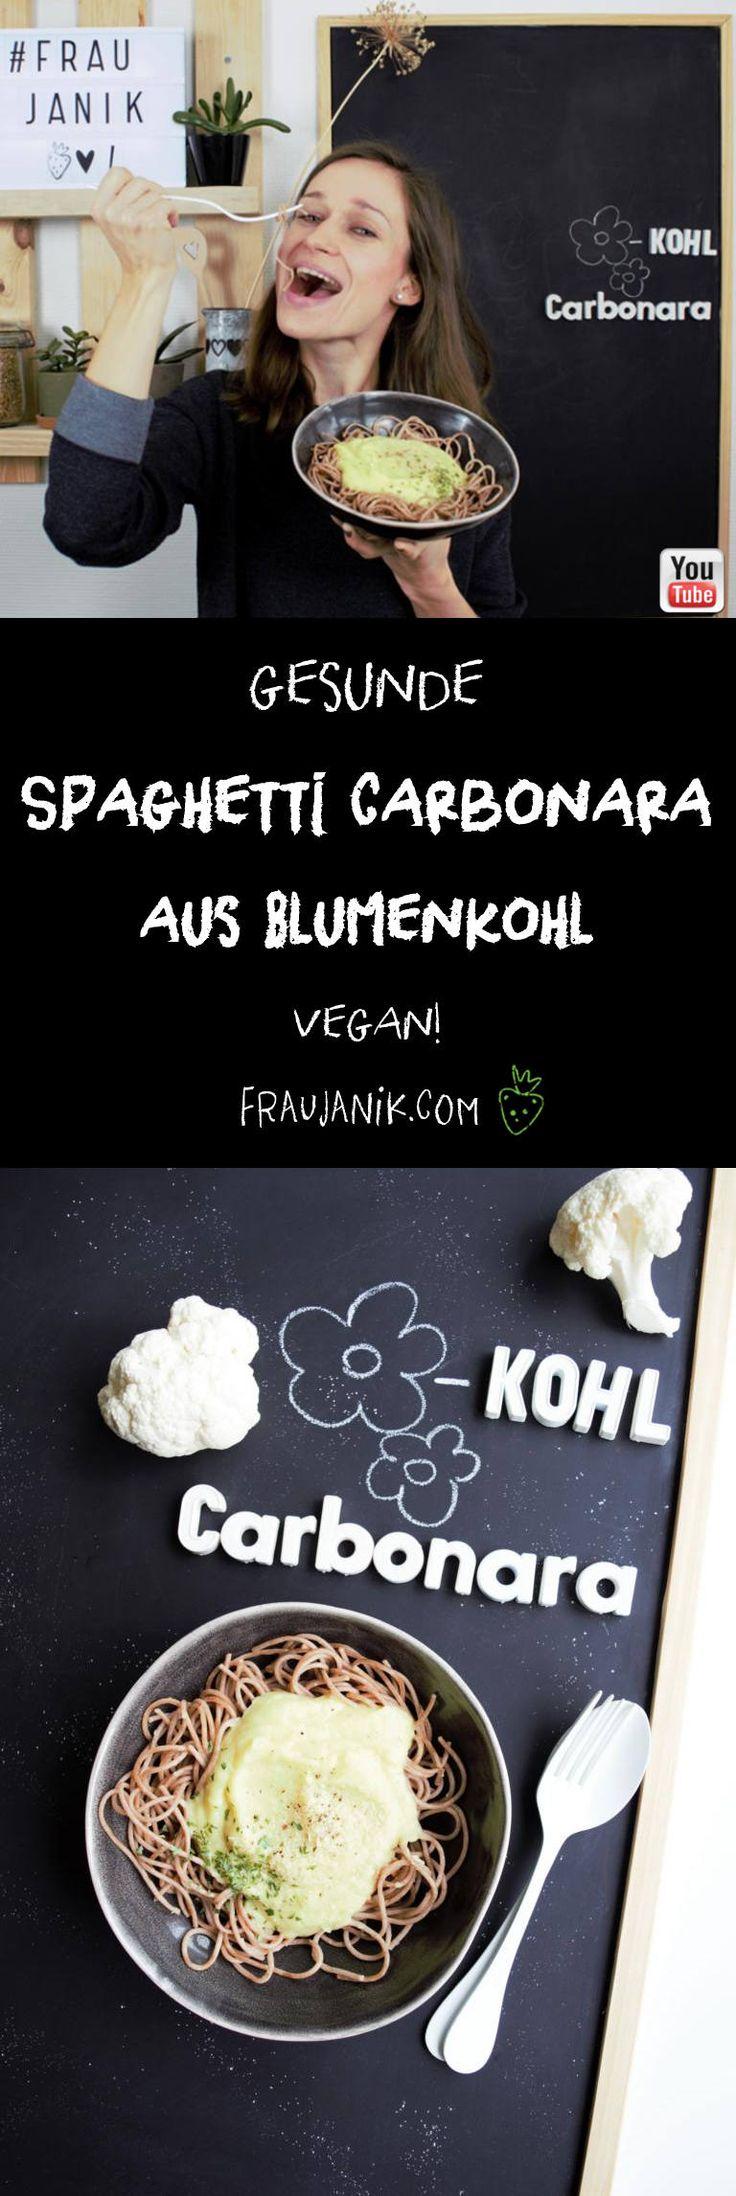 Spaghetti Carbonara aus Blumenkohl   vegan - ohne Eier, Sahne & Butter... Carbonara Sauce mal anders und zwar richtig gesund!!! #vegan #gesundkochen #fraujanik #blumenkohl #carbonara #spaghetticarbonara #pasta #carbonarasauce #hefeflocken #spaghetti #vegetarisch